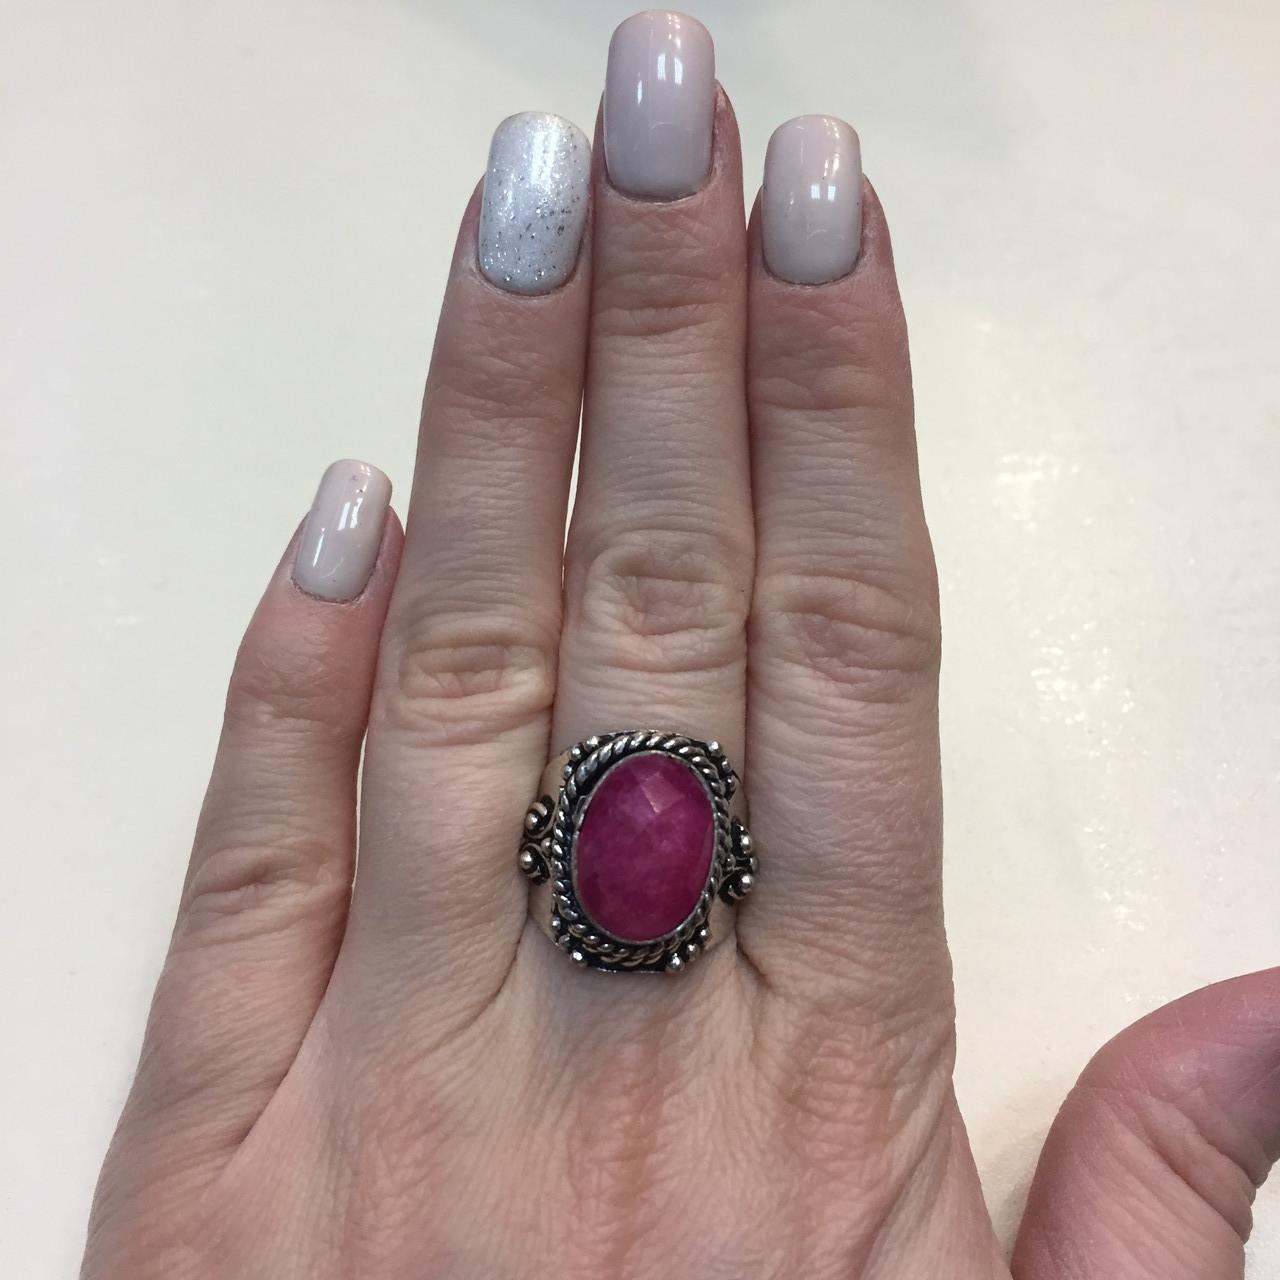 Кольцо рубин в серебре 16,5-17 размер Индия! Кольцо с рубином.